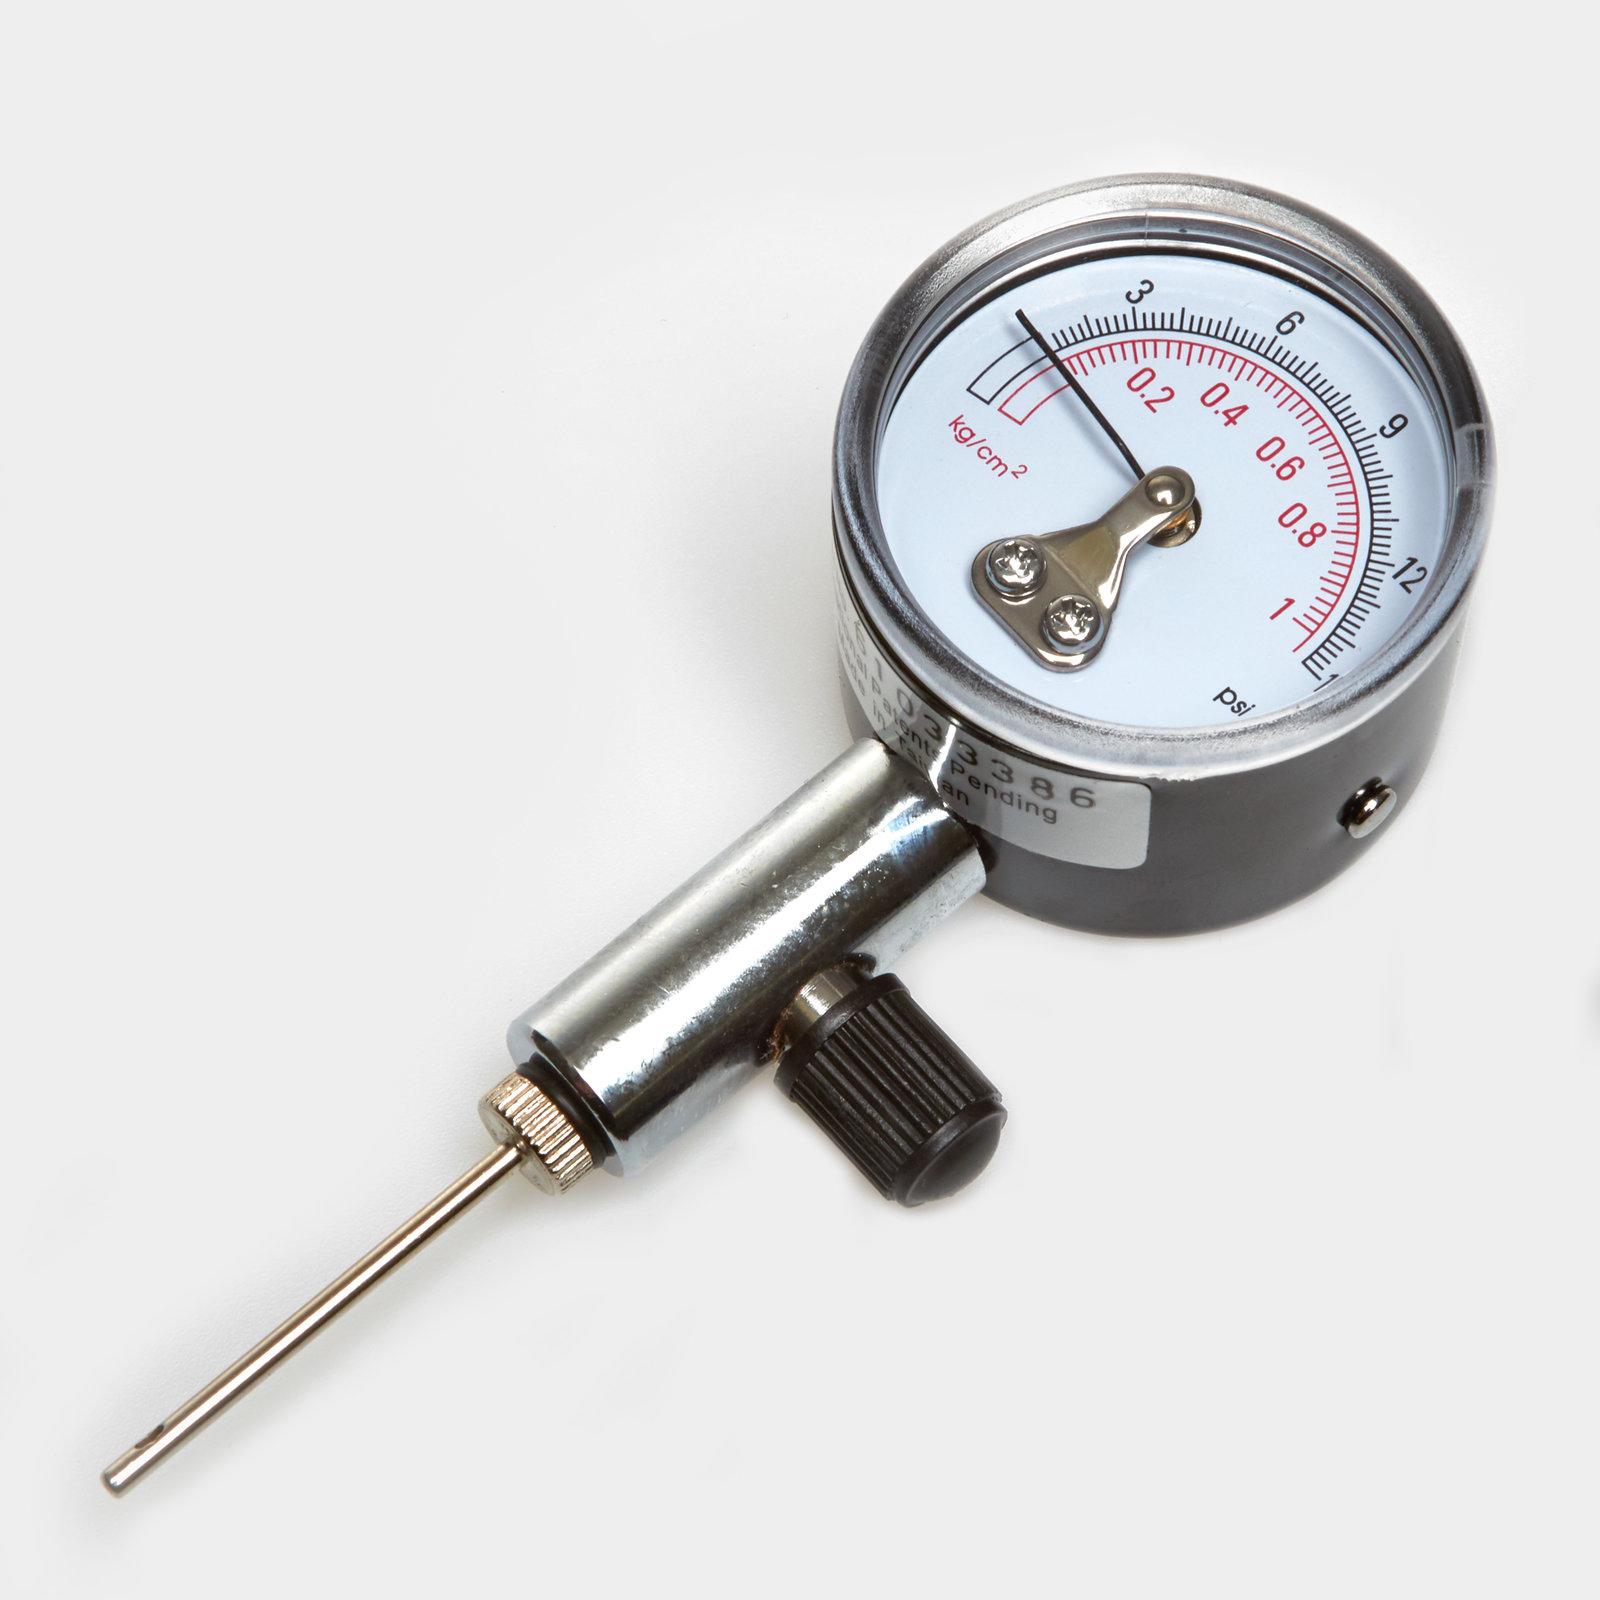 Image of Pressure Gauge